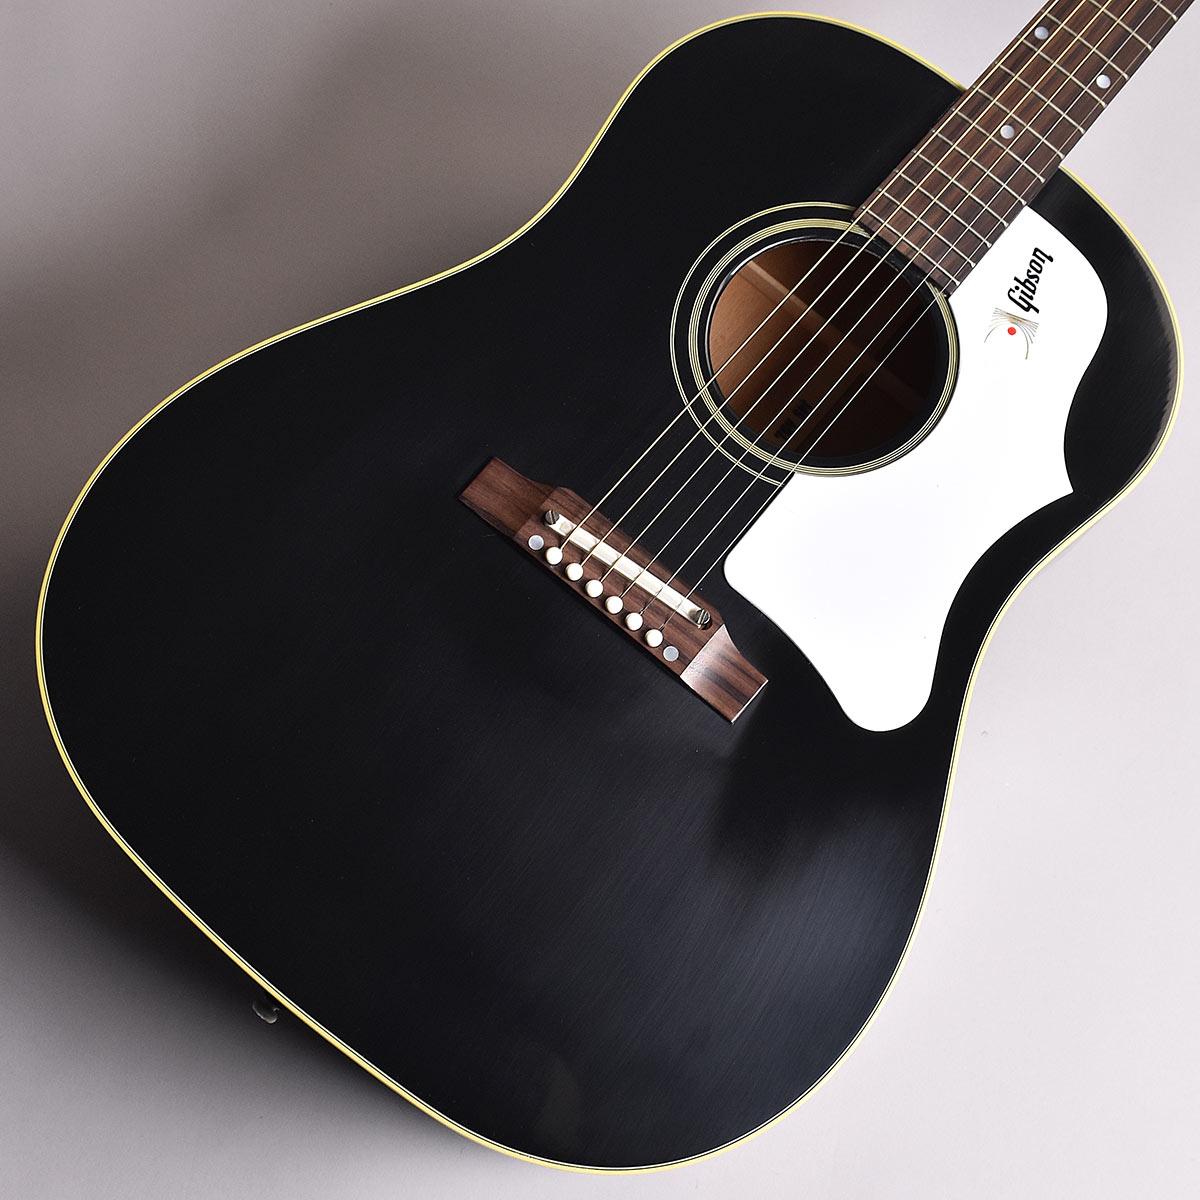 Gibson 1960's J-45【ギブソン Ebony ADJ J-45 VOS Gibson S/N:13487069【限定モデル】【ギブソン J45】【未展示品】, iraka-イラカ-:24fdb751 --- sunward.msk.ru